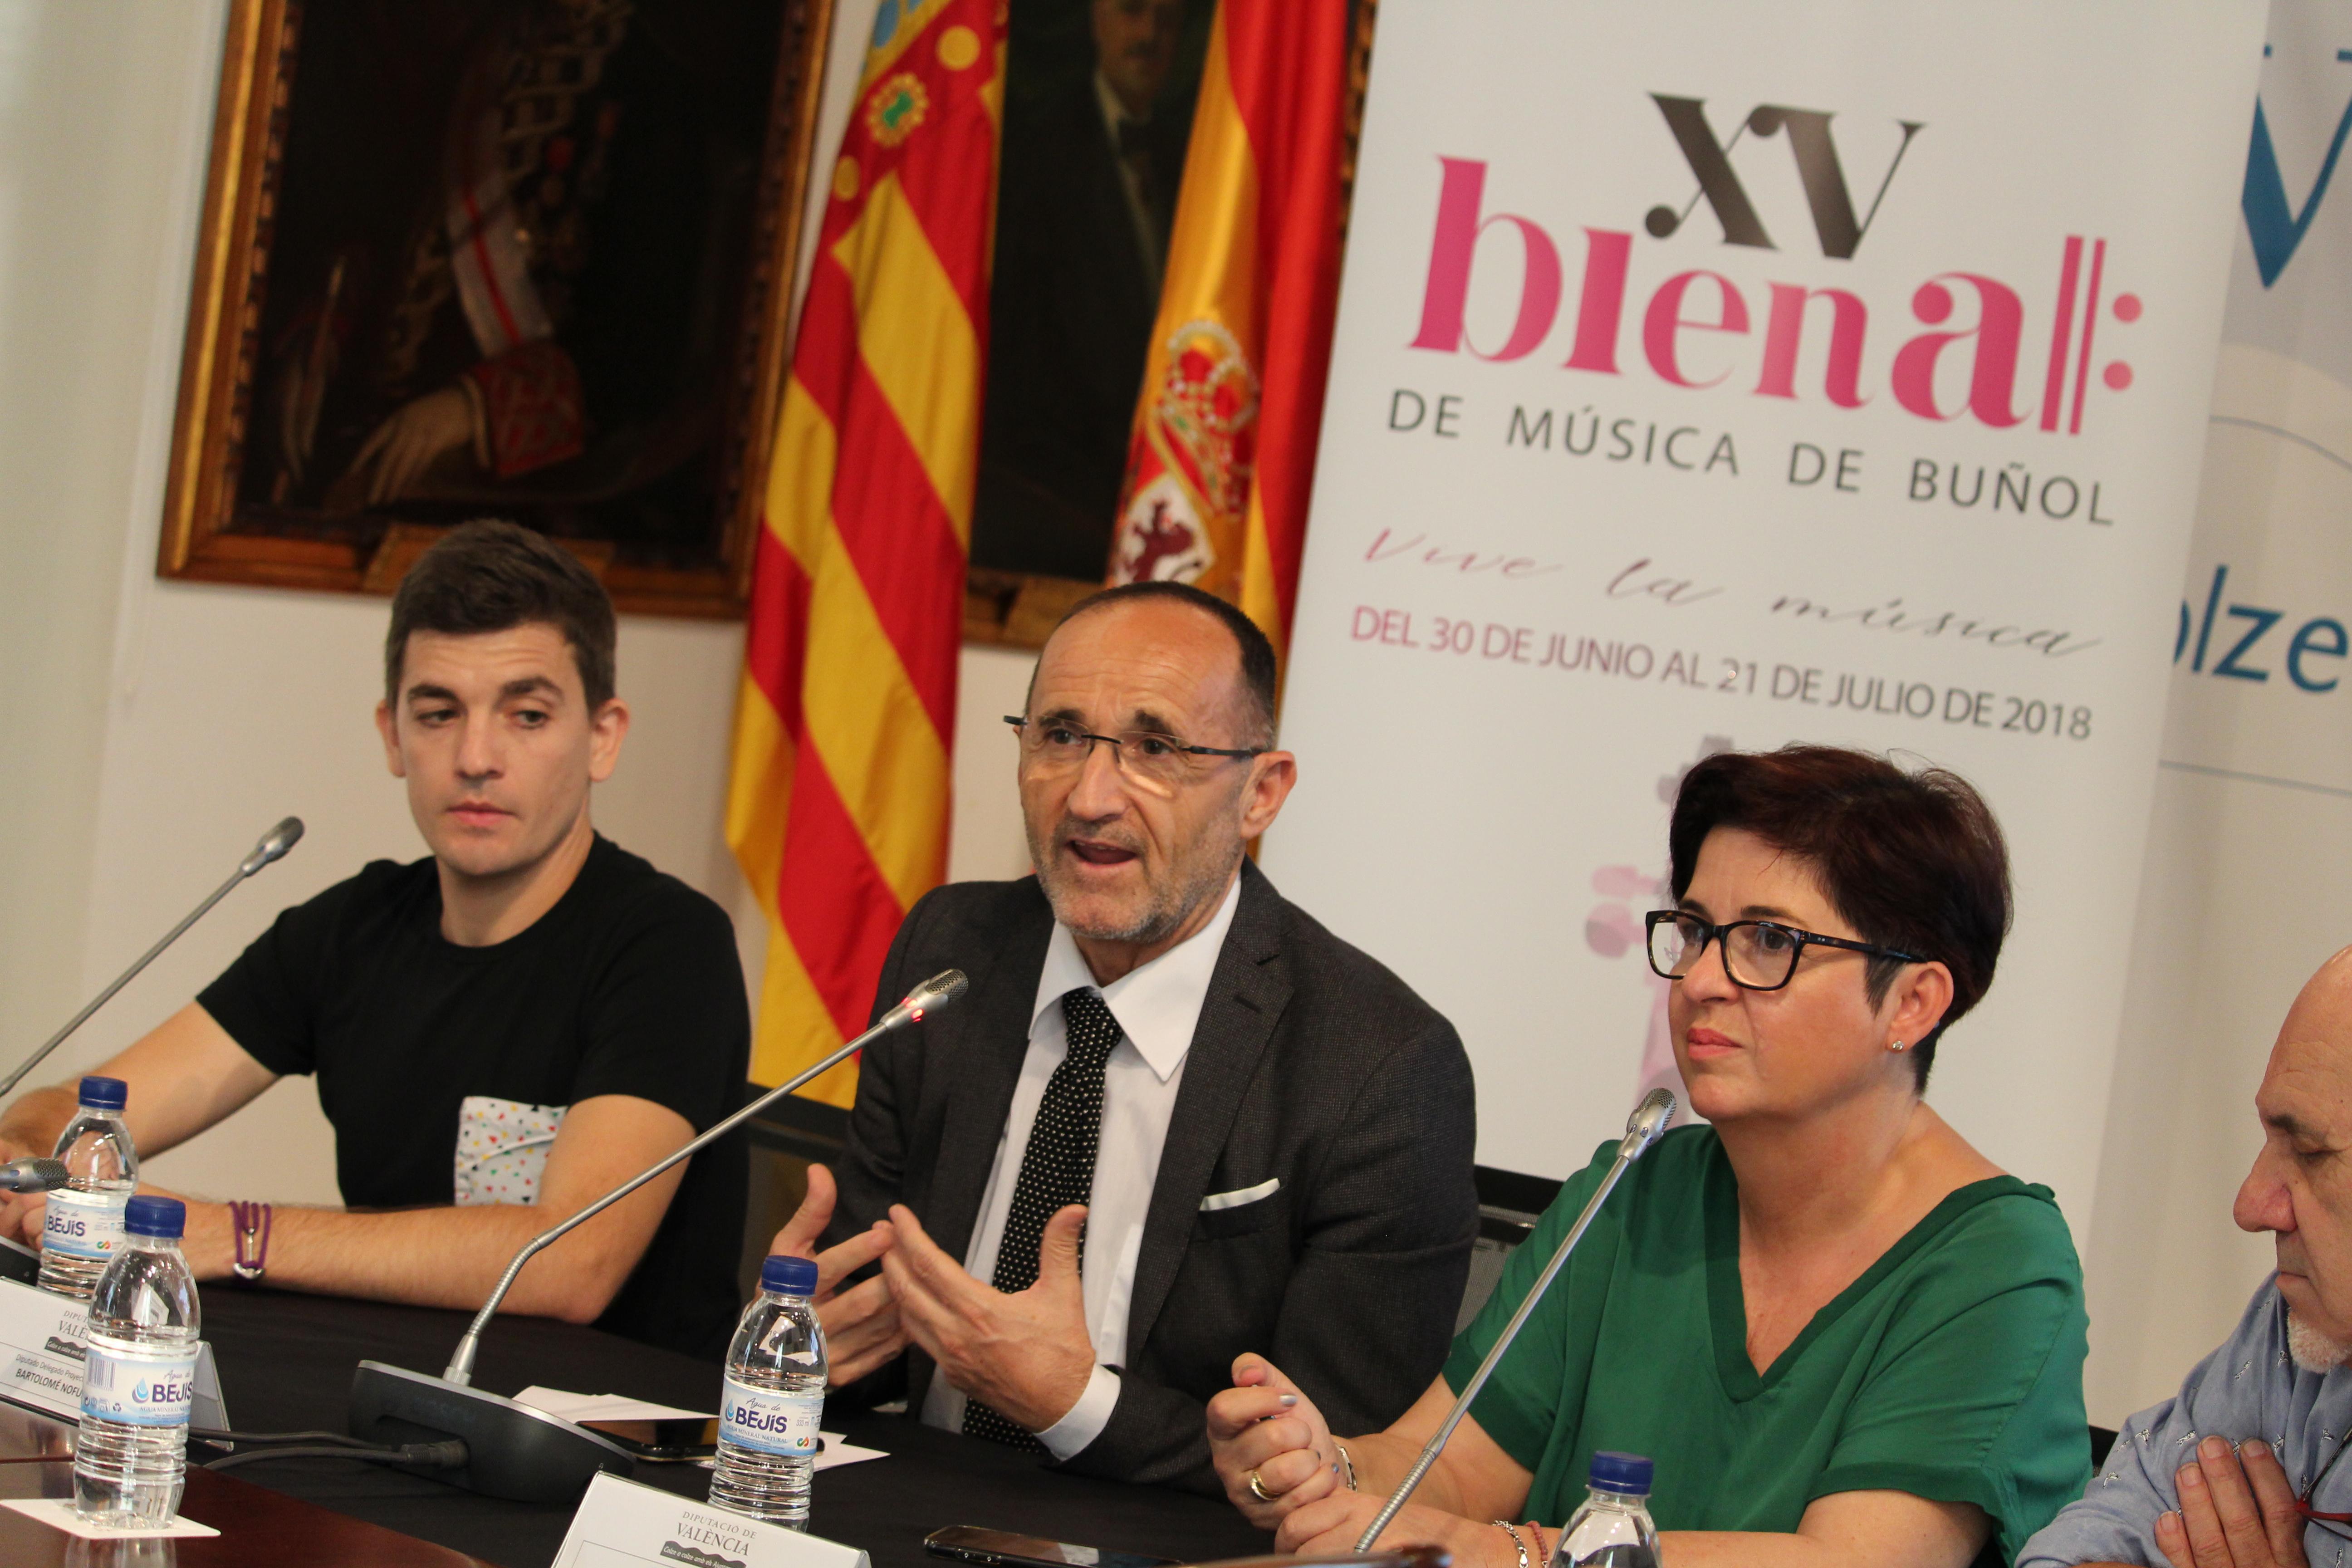 La Diputació se implica en la confección de las 25 propuestas artísticas de la XV Bienal de Buñol.